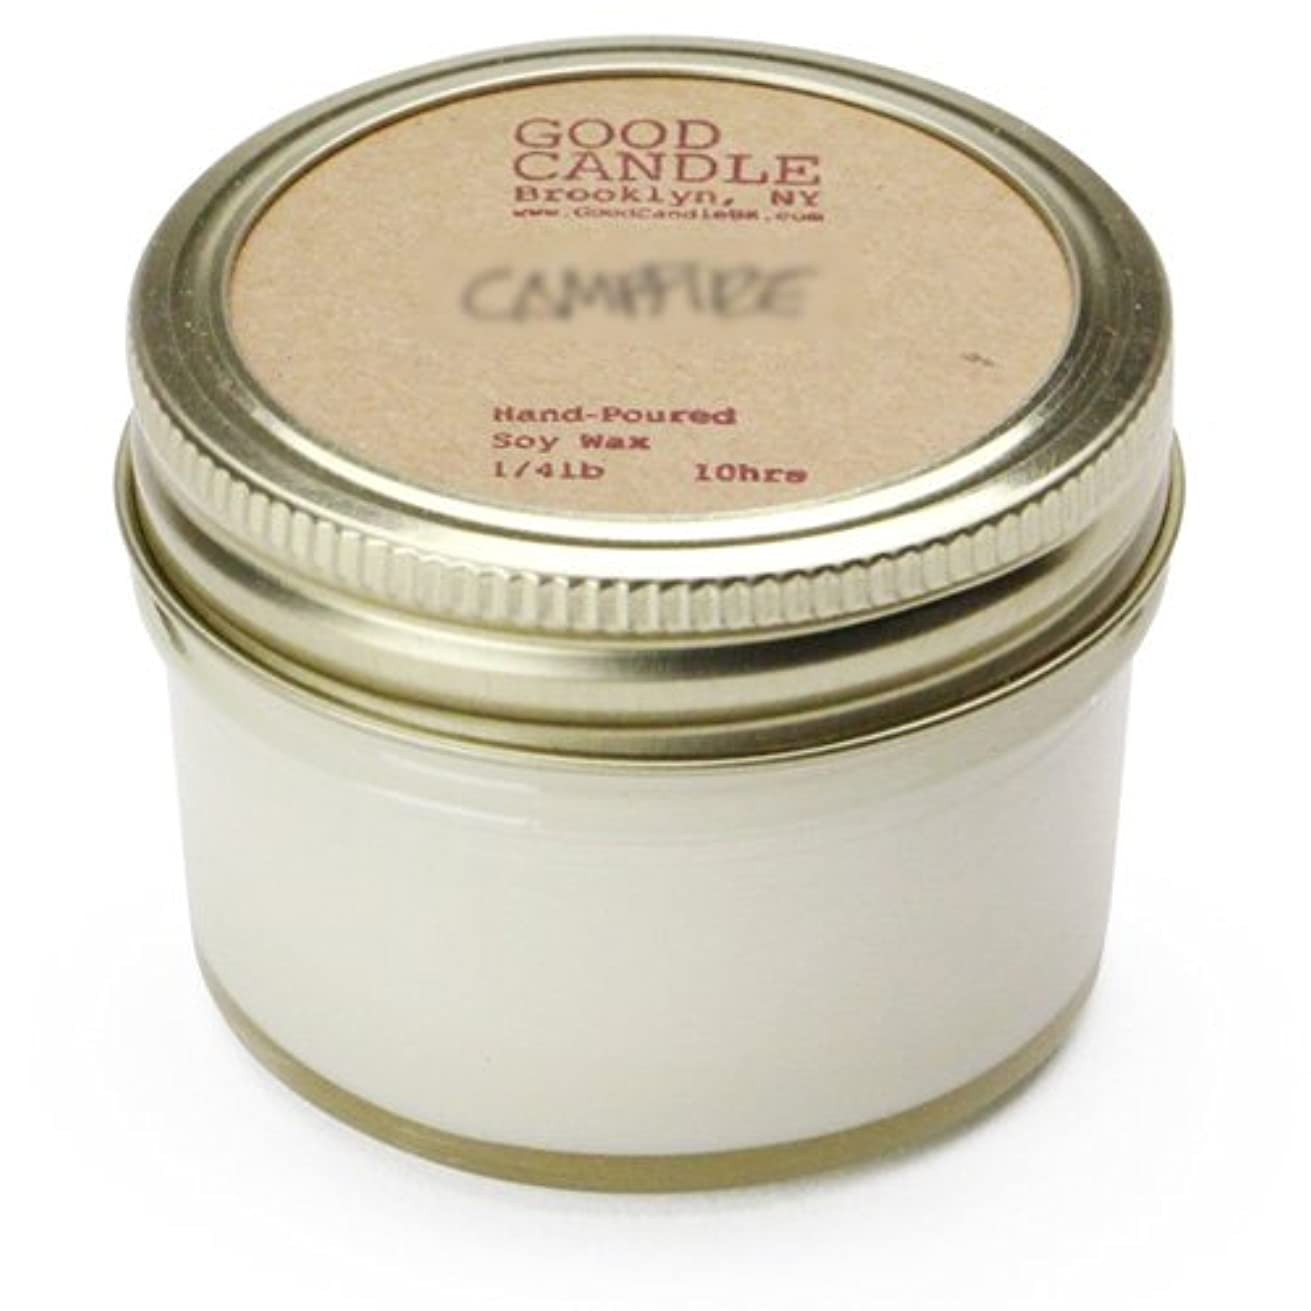 キュービック修理可能覚醒グッドキャンドル 1/4ポンド ゼリージャー キャンドル Good Candle 1/4LB Jelly jar candle [ Basil ] 正規品